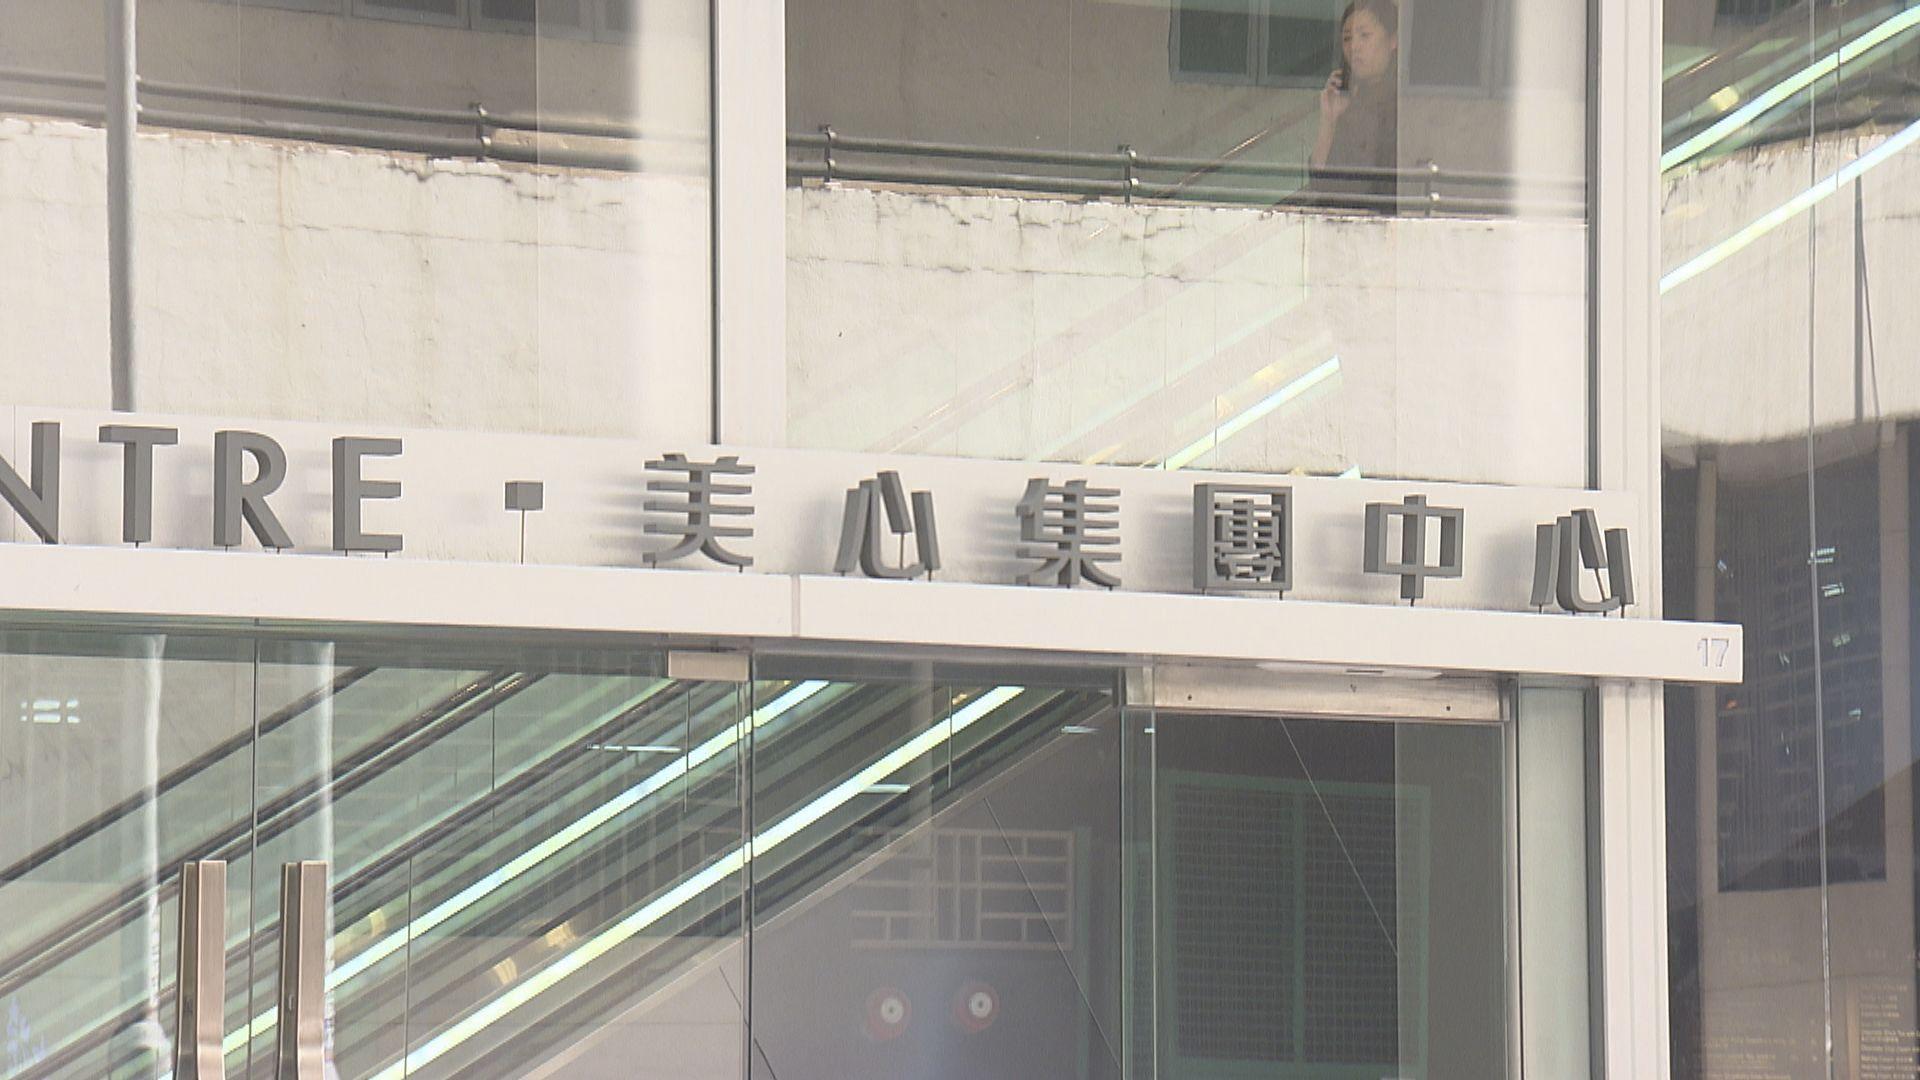 【火鍋群組】美心兩名酒樓員工確診感染新型肺炎